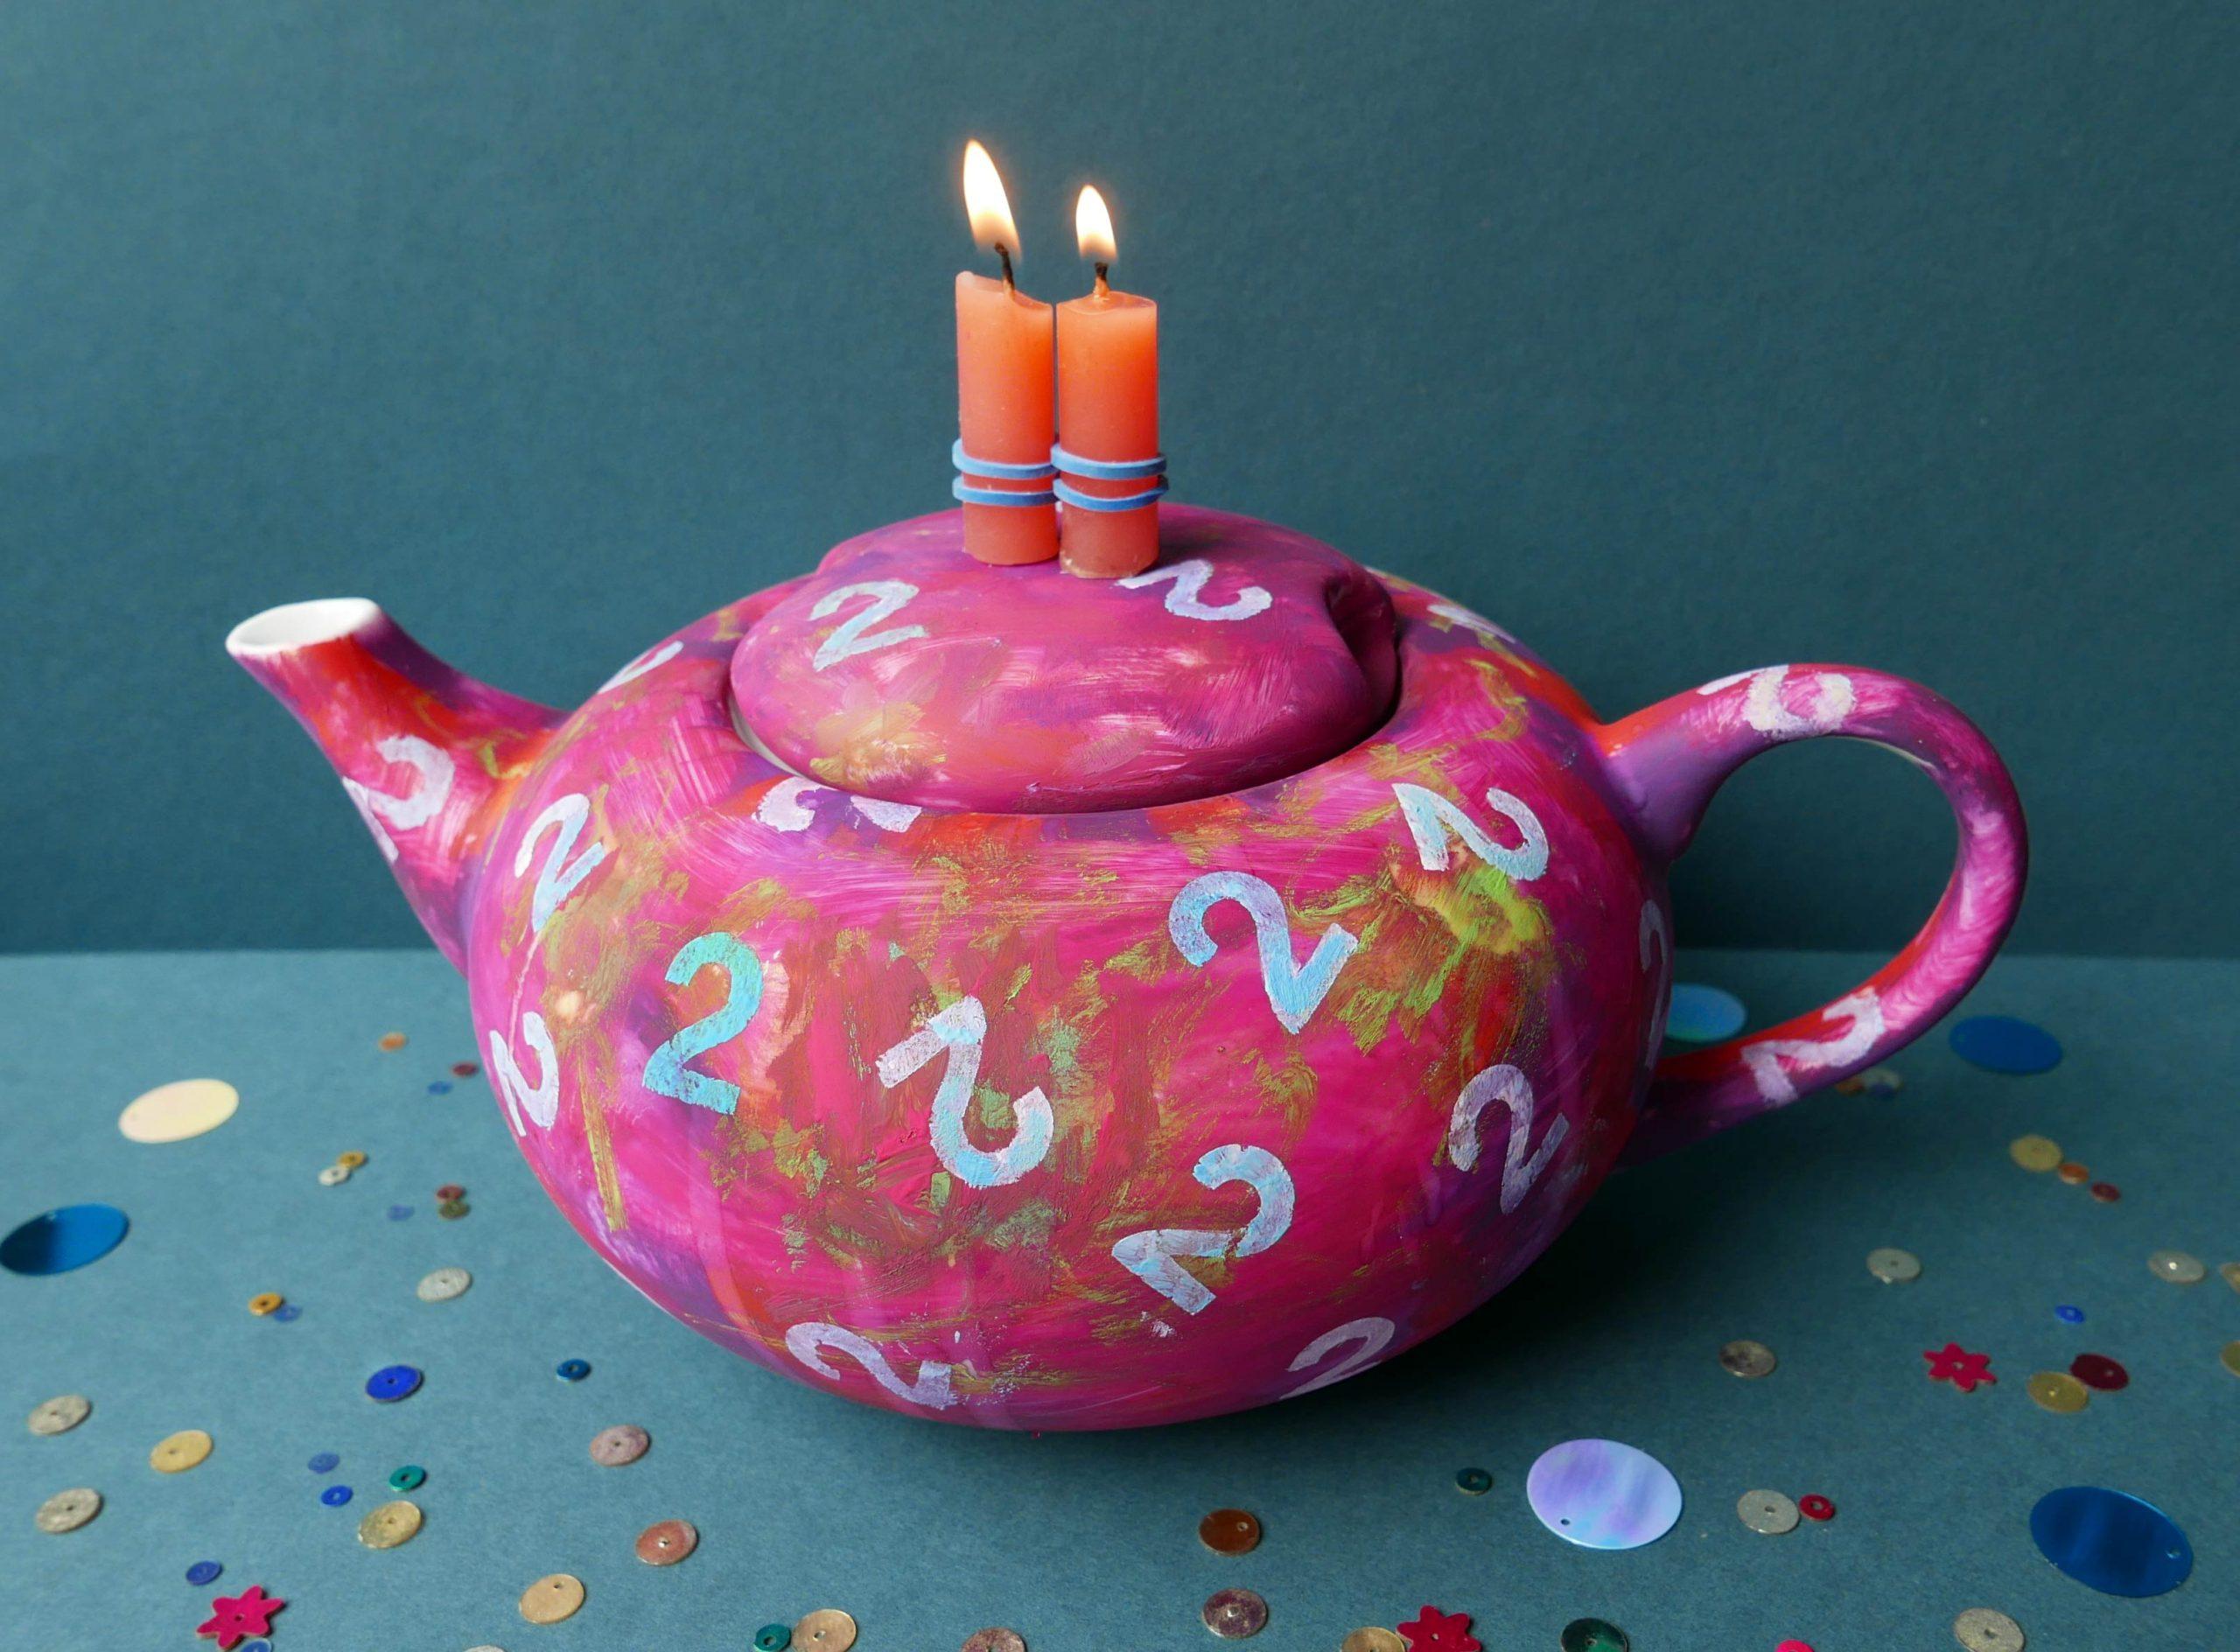 Porzellankanne Victim Pot gestaltet zum zweiten Bloggeburtstag mit Ziffer 2 und rotvioletter Farbe und 2 Kerzen